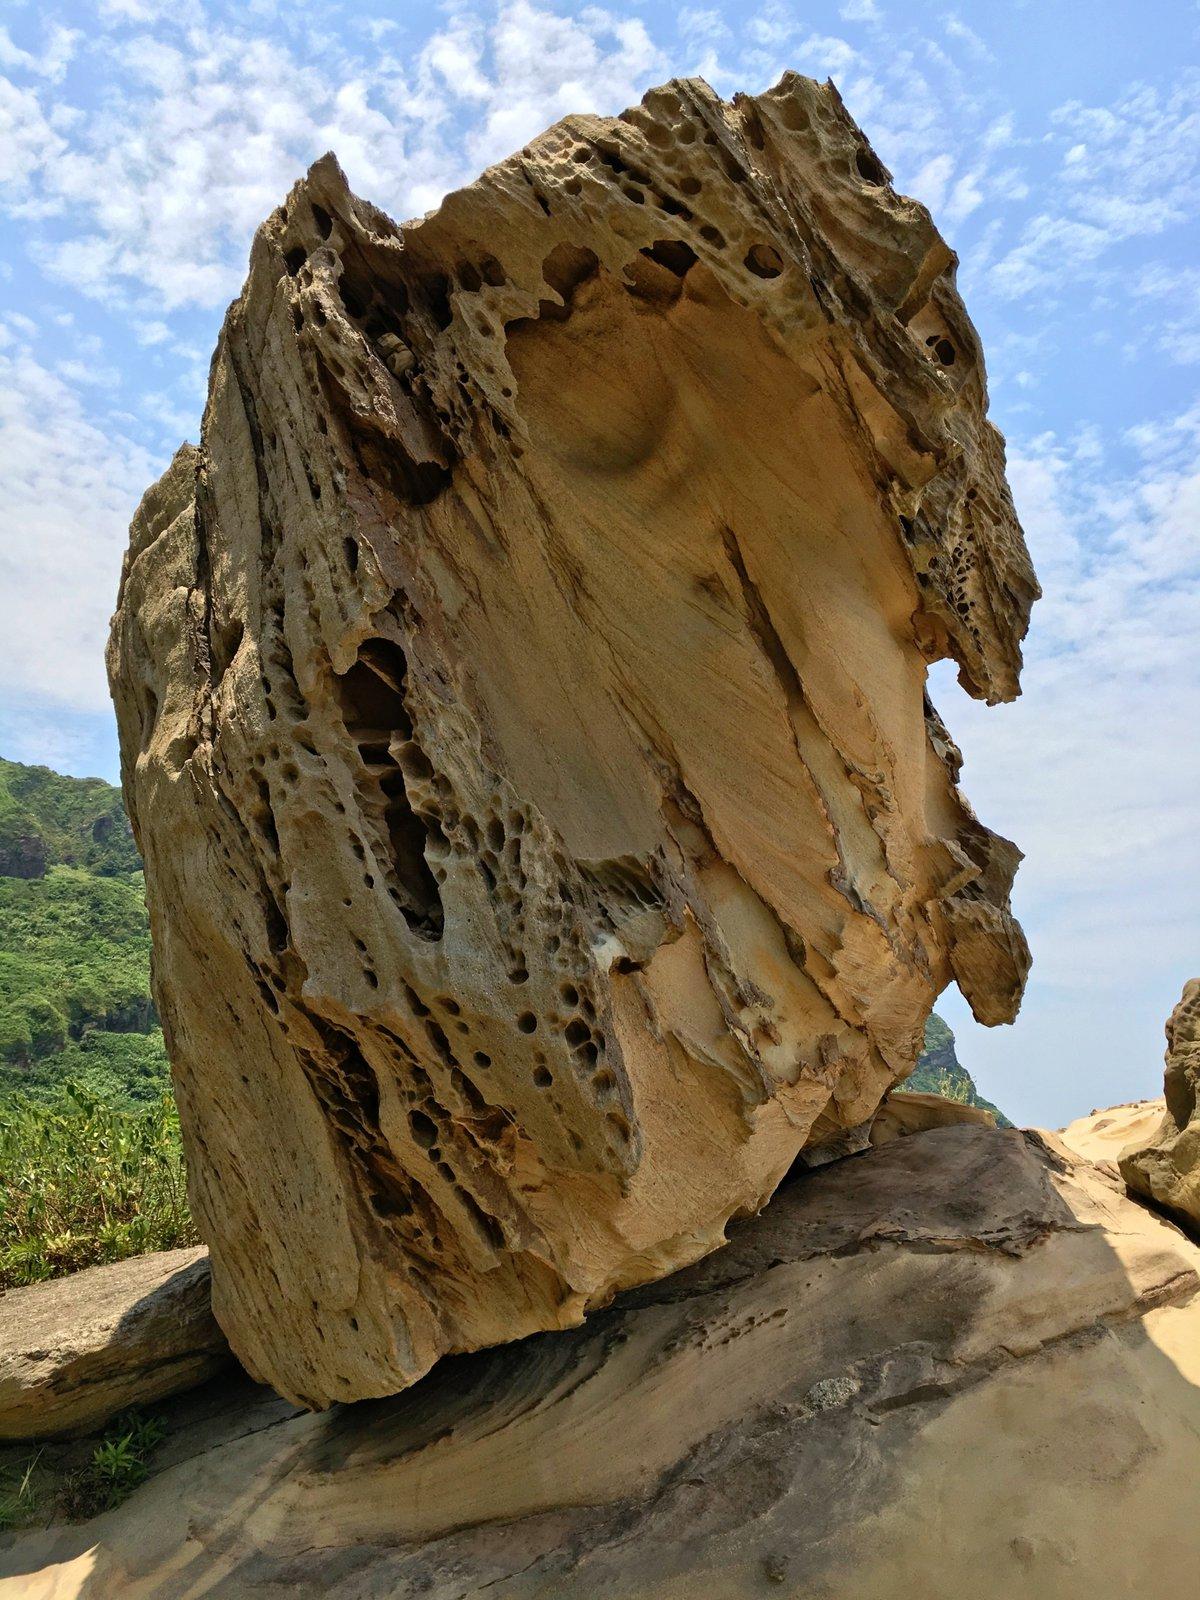 útvary v Nanya Rock formation jsou výsledkem práce přírody